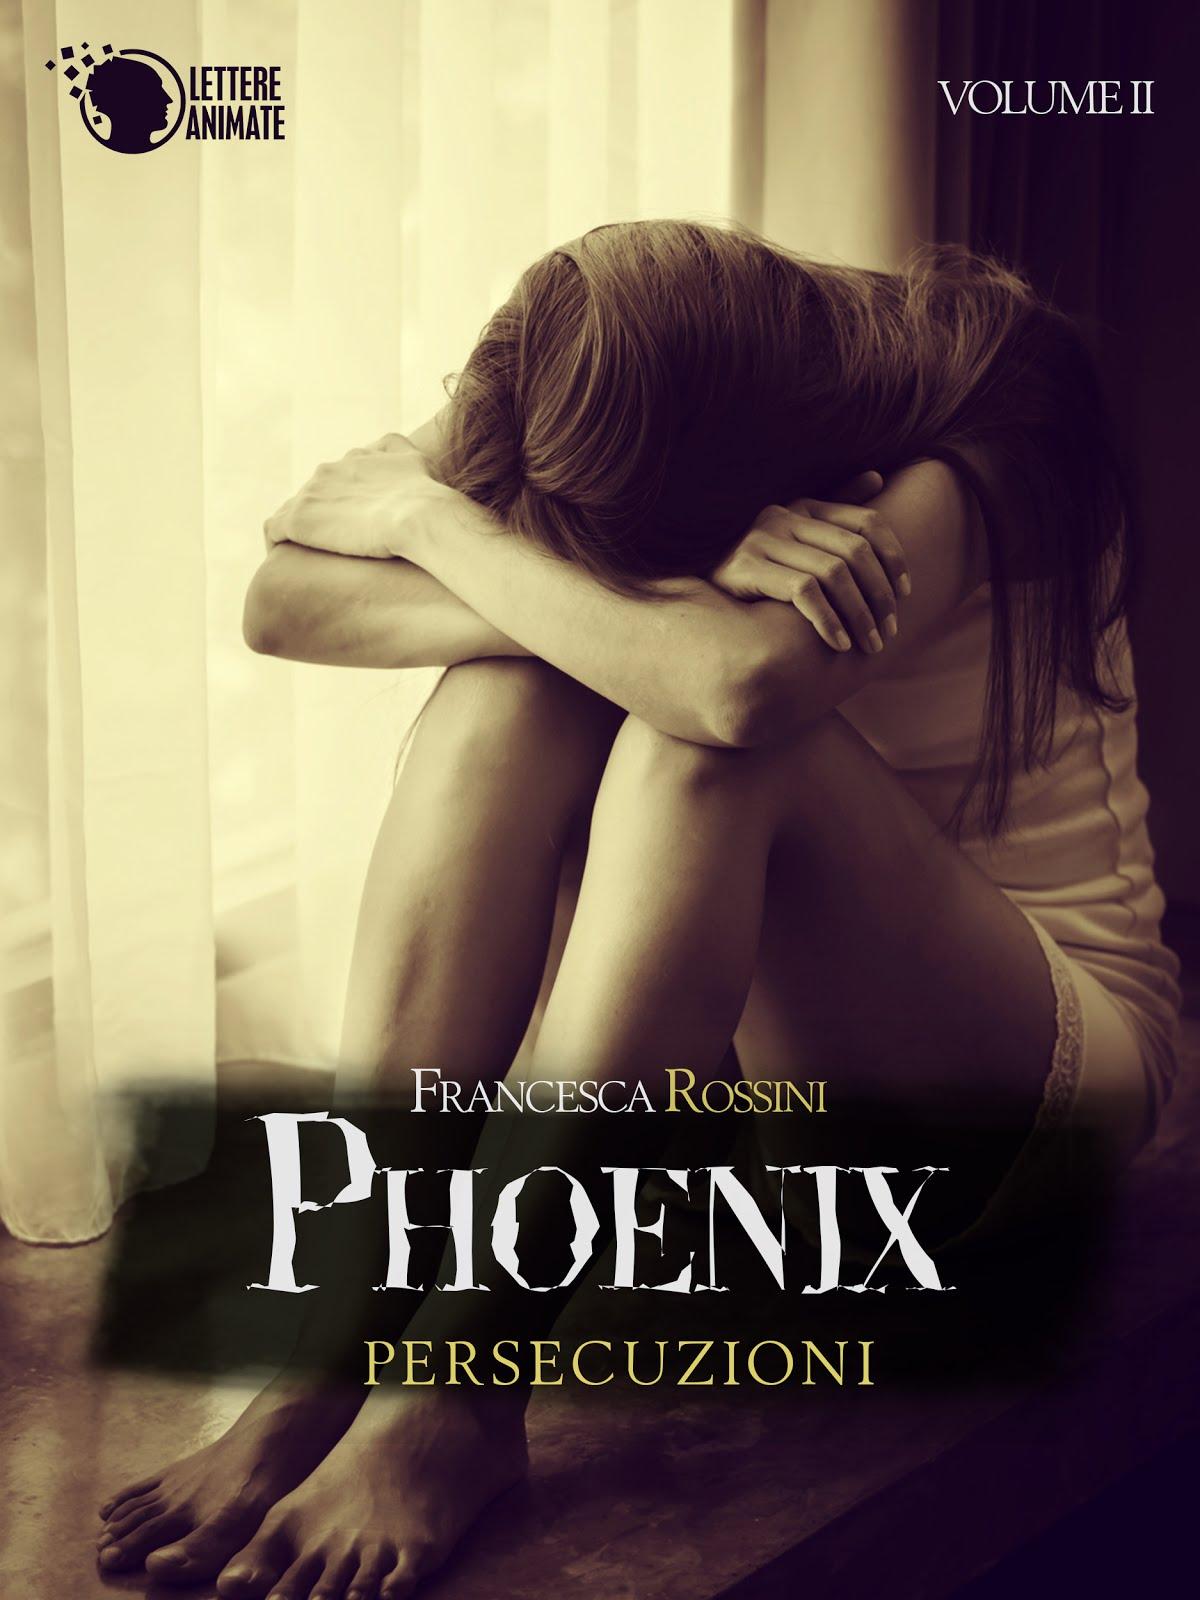 Phoenix persecuzioni